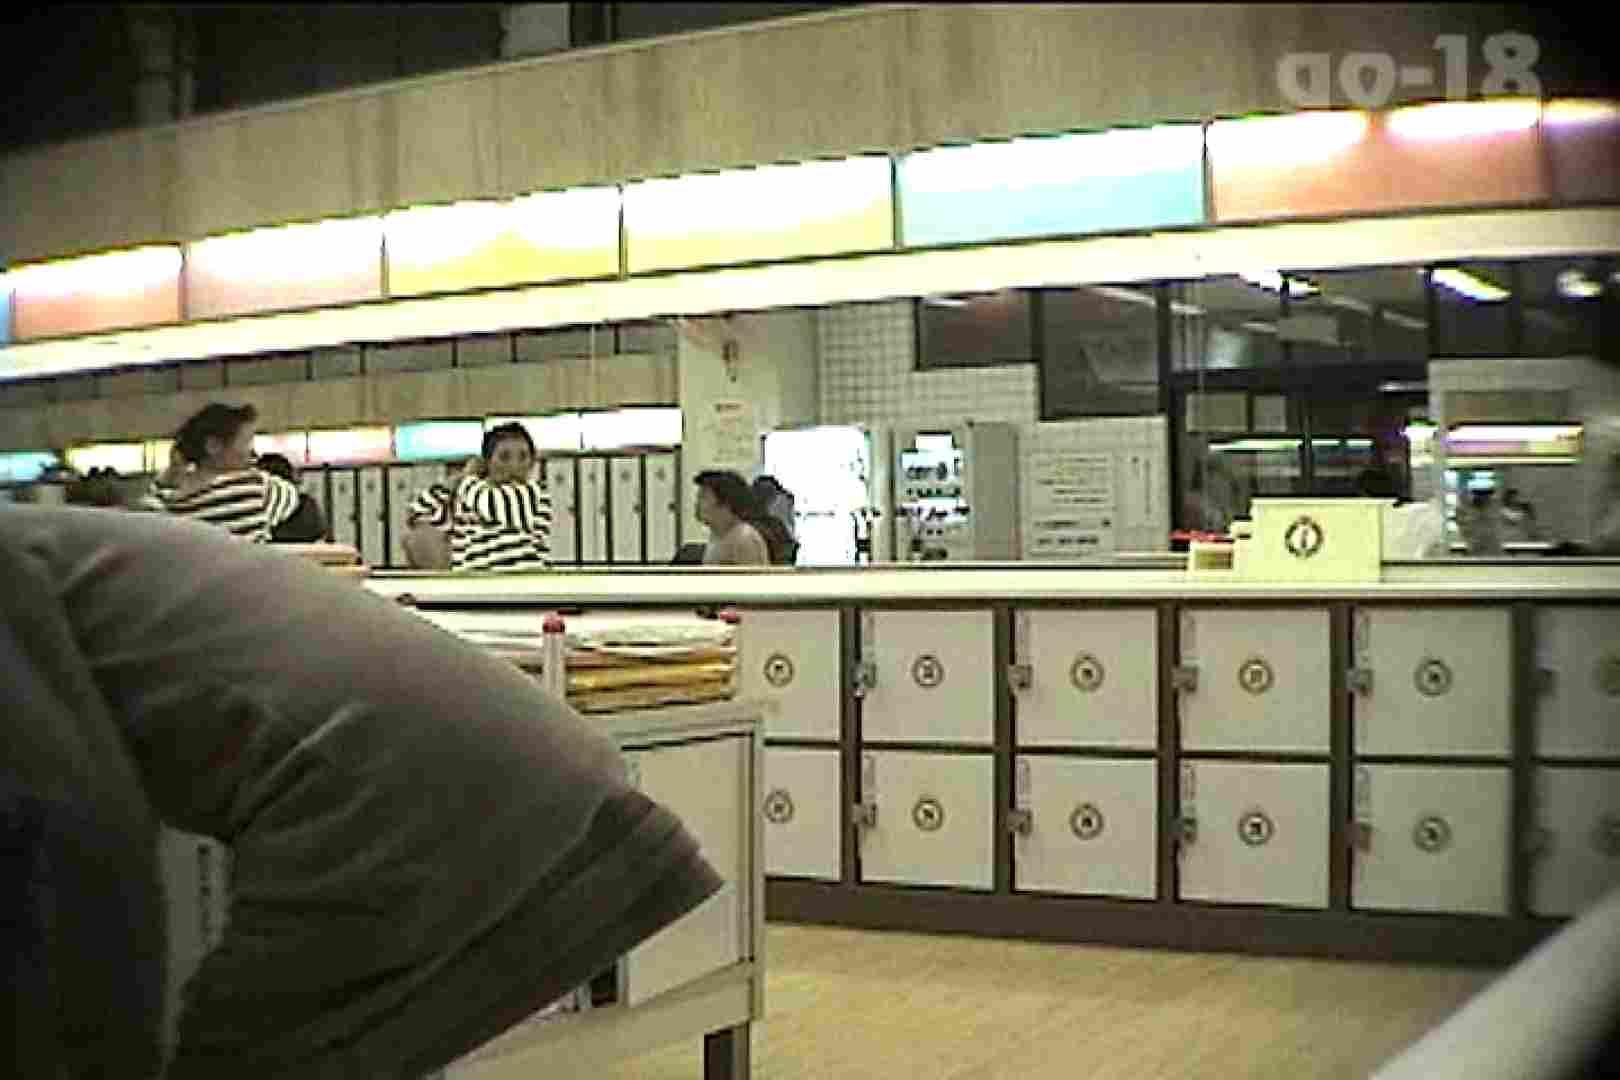 電波カメラ設置浴場からの防HAN映像 Vol.18 OLのボディ | 盗撮  102PIX 31